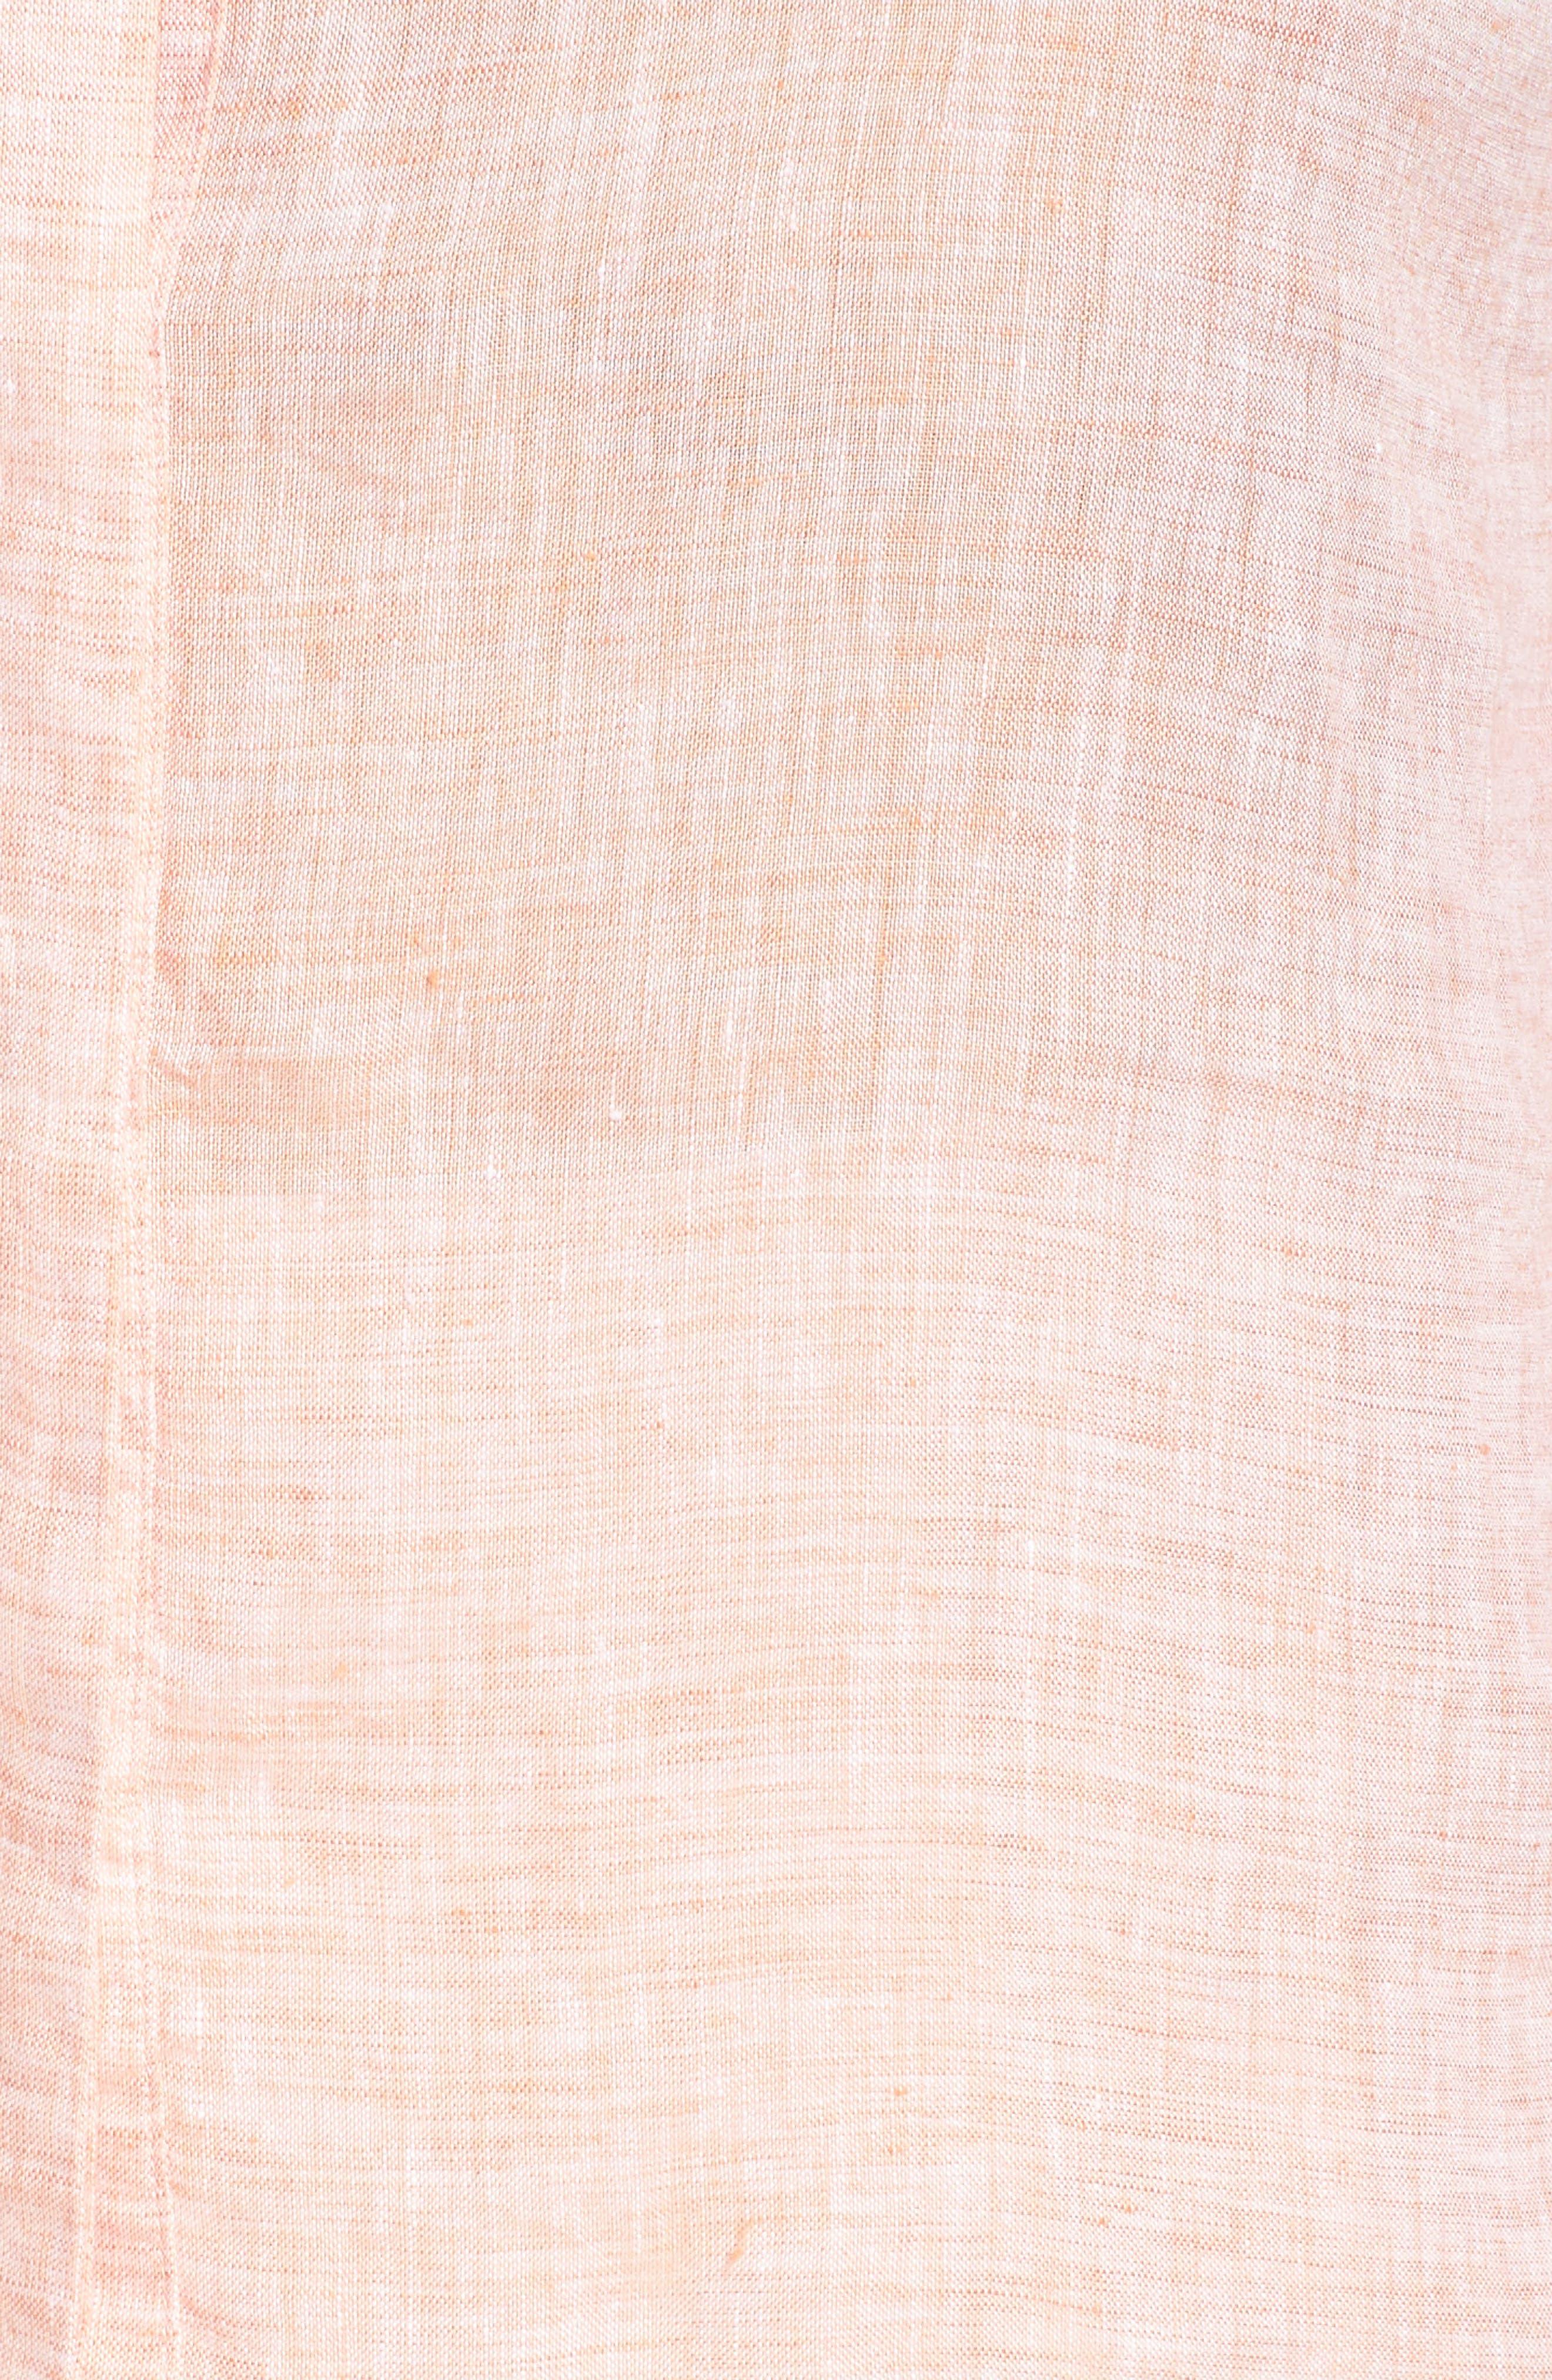 NIC+ZOE, Drifty Woven Linen Shirt, Alternate thumbnail 5, color, TANGERINE